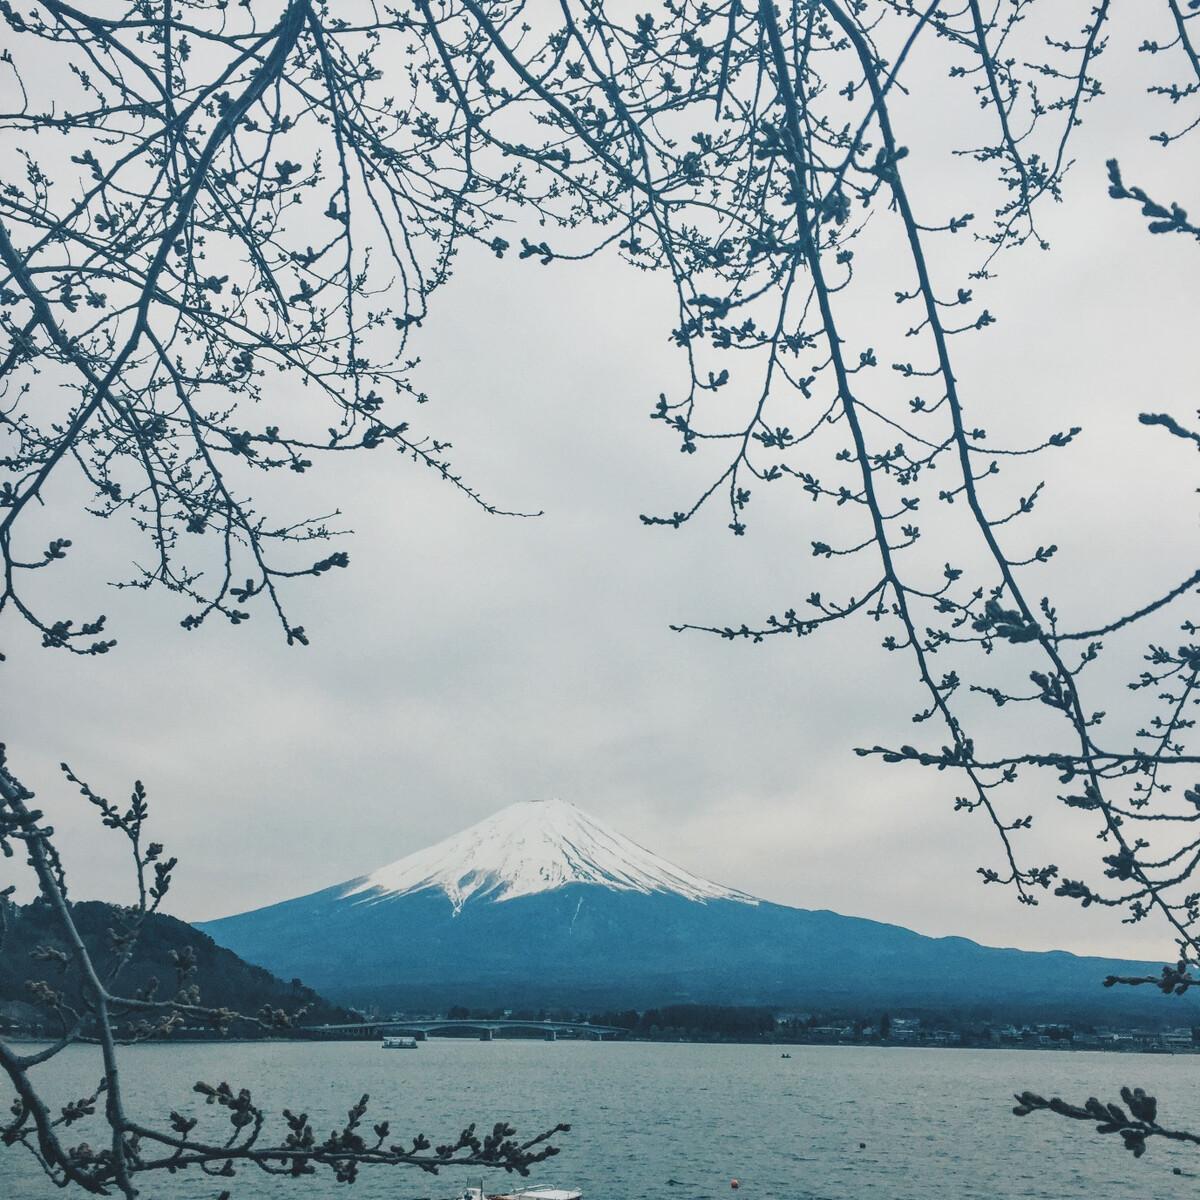 富士山樱花_富士山与樱花 - OliviaZZ